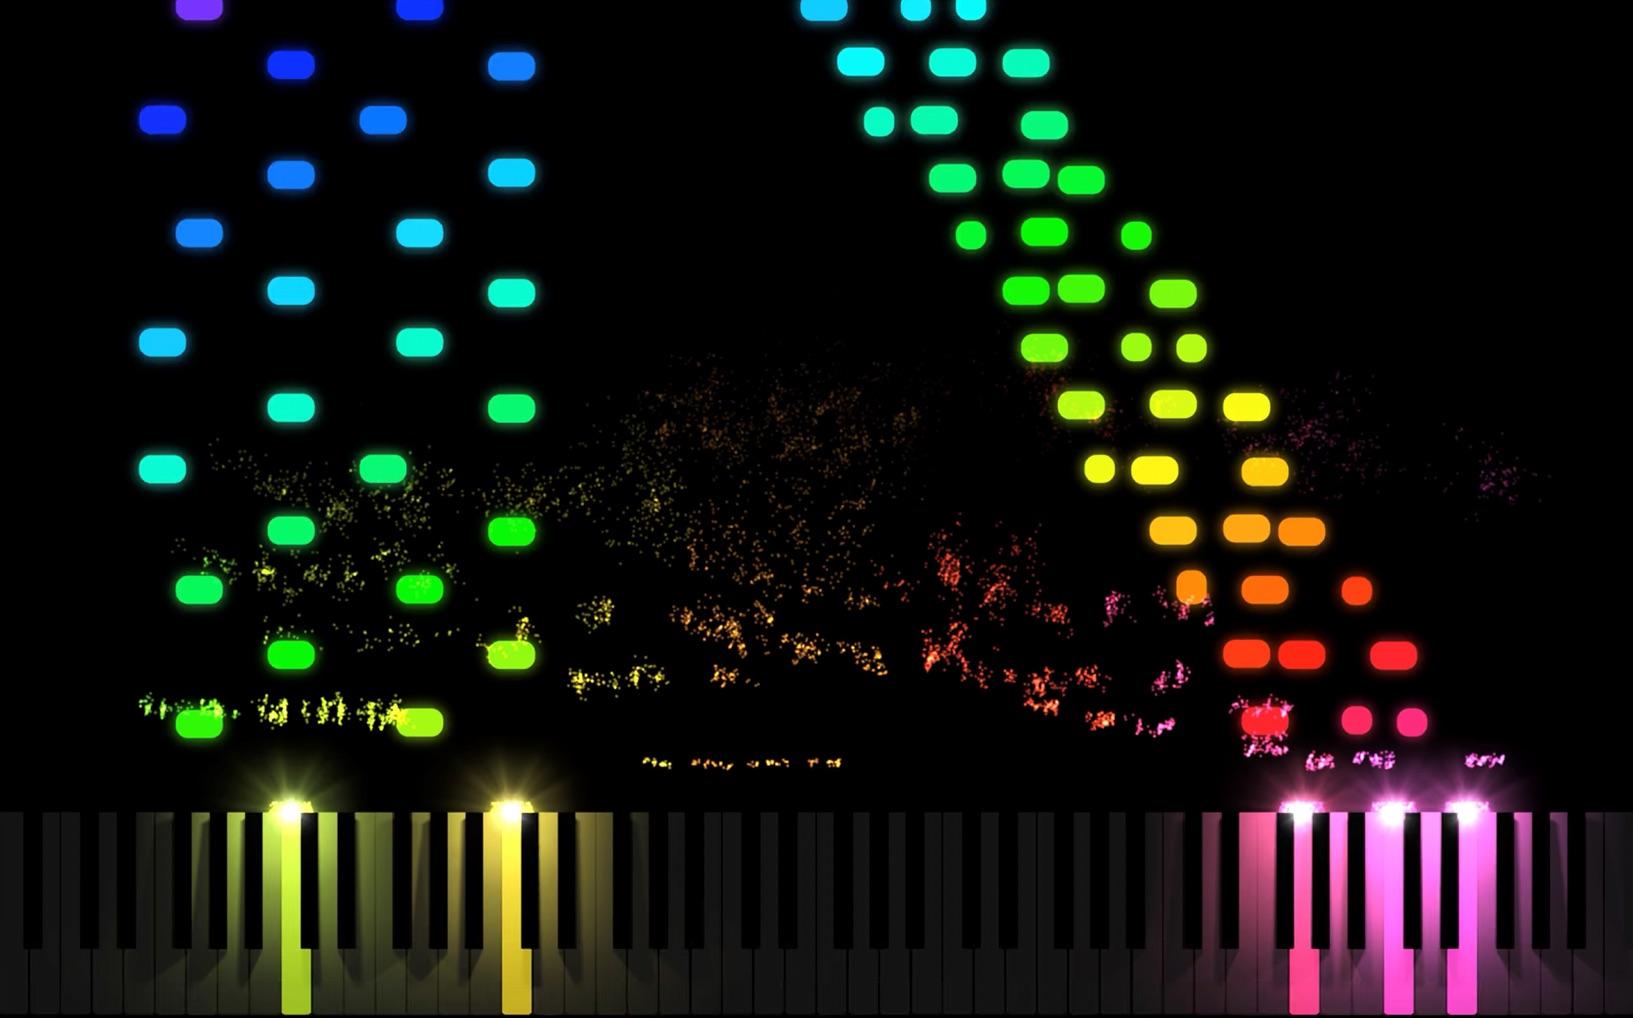 SeeMusic: Interactive Piano Visualizer